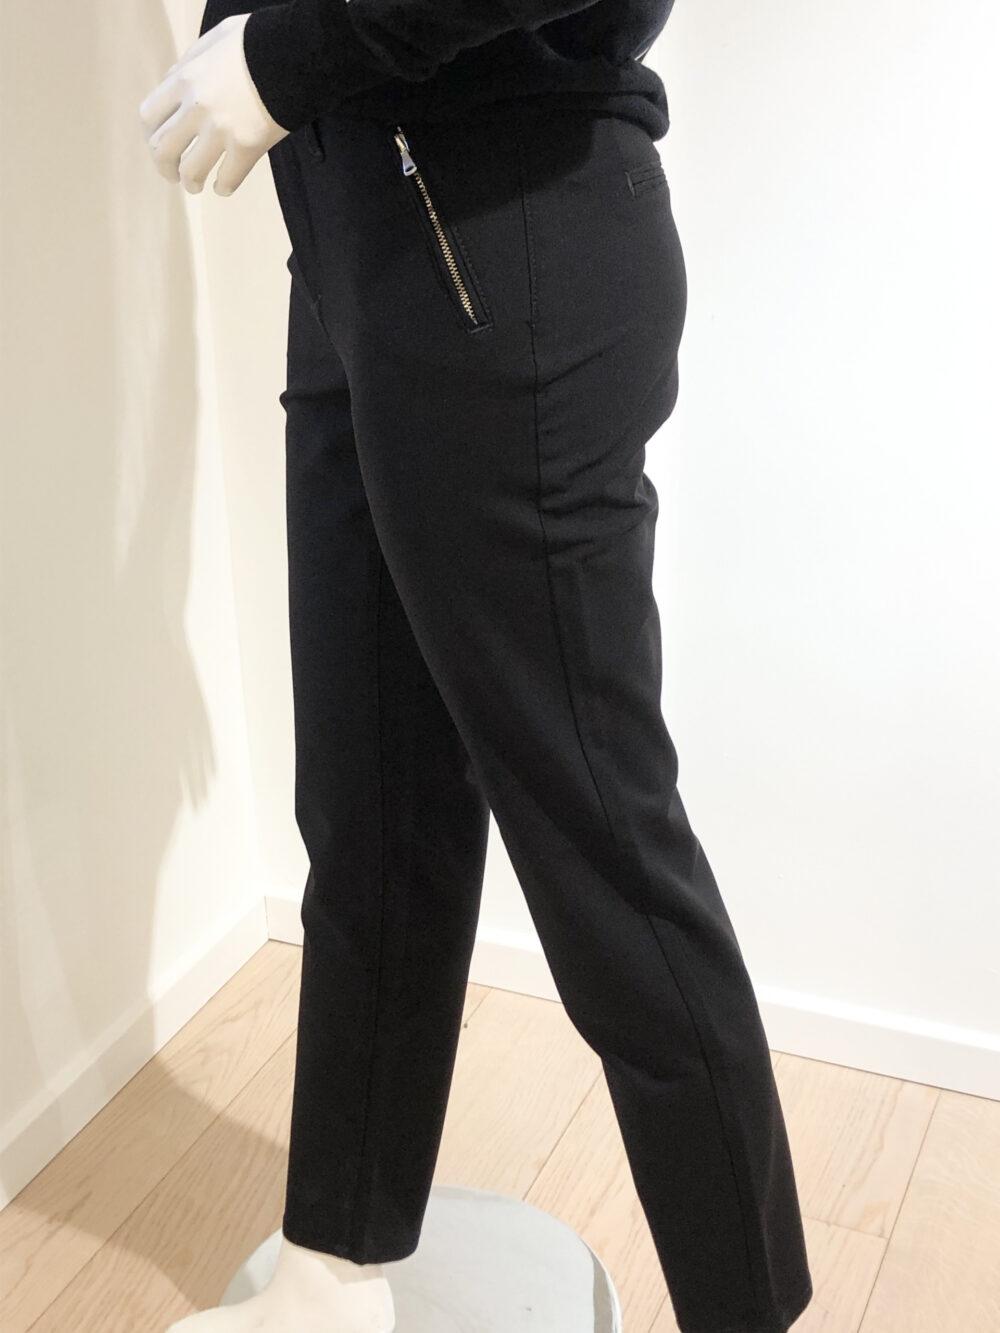 Jonny Q bukser Vanessa bistrecht sort scaled